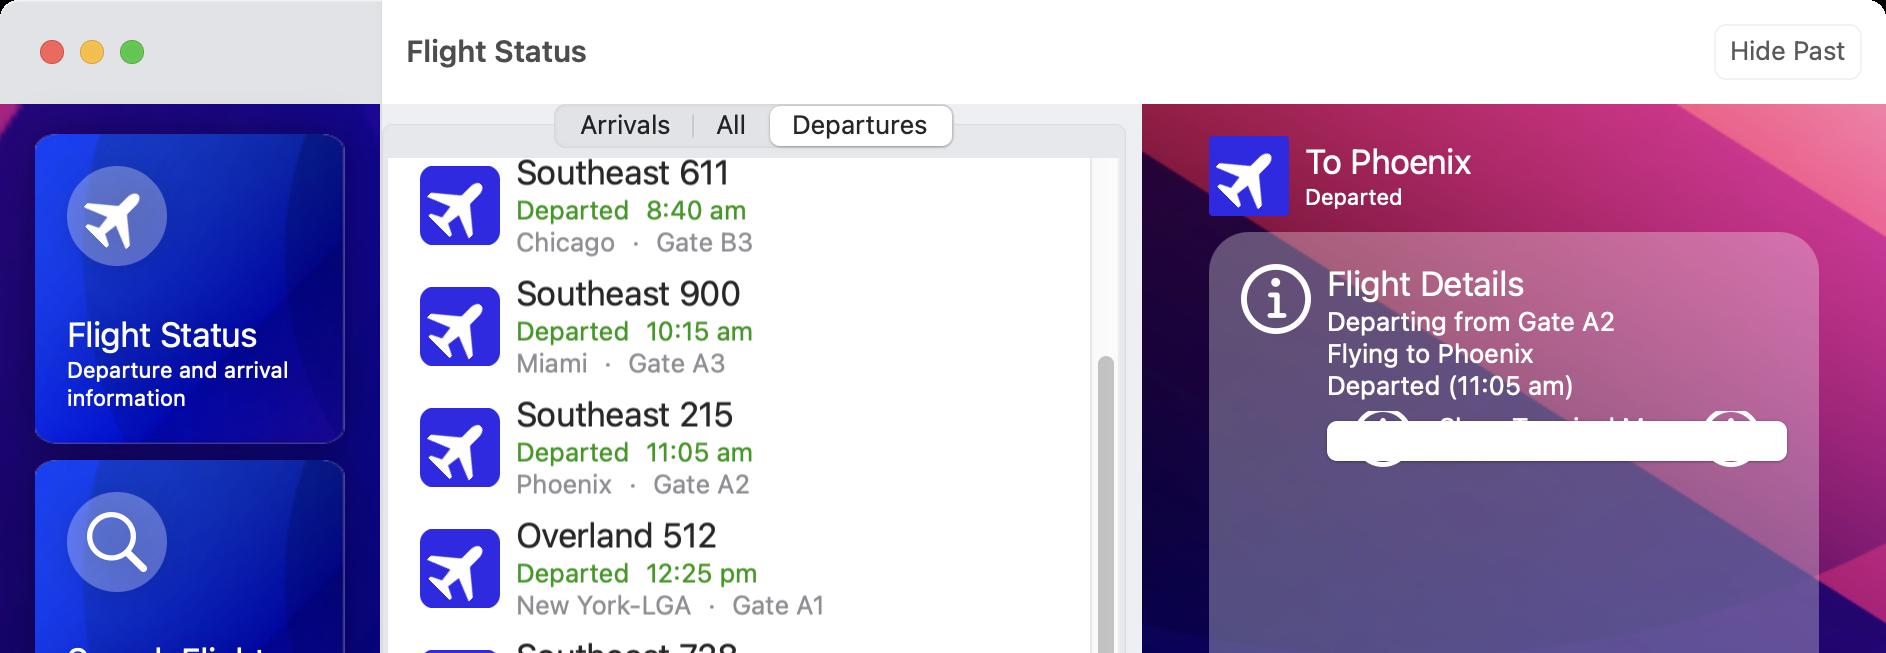 Selected Flight